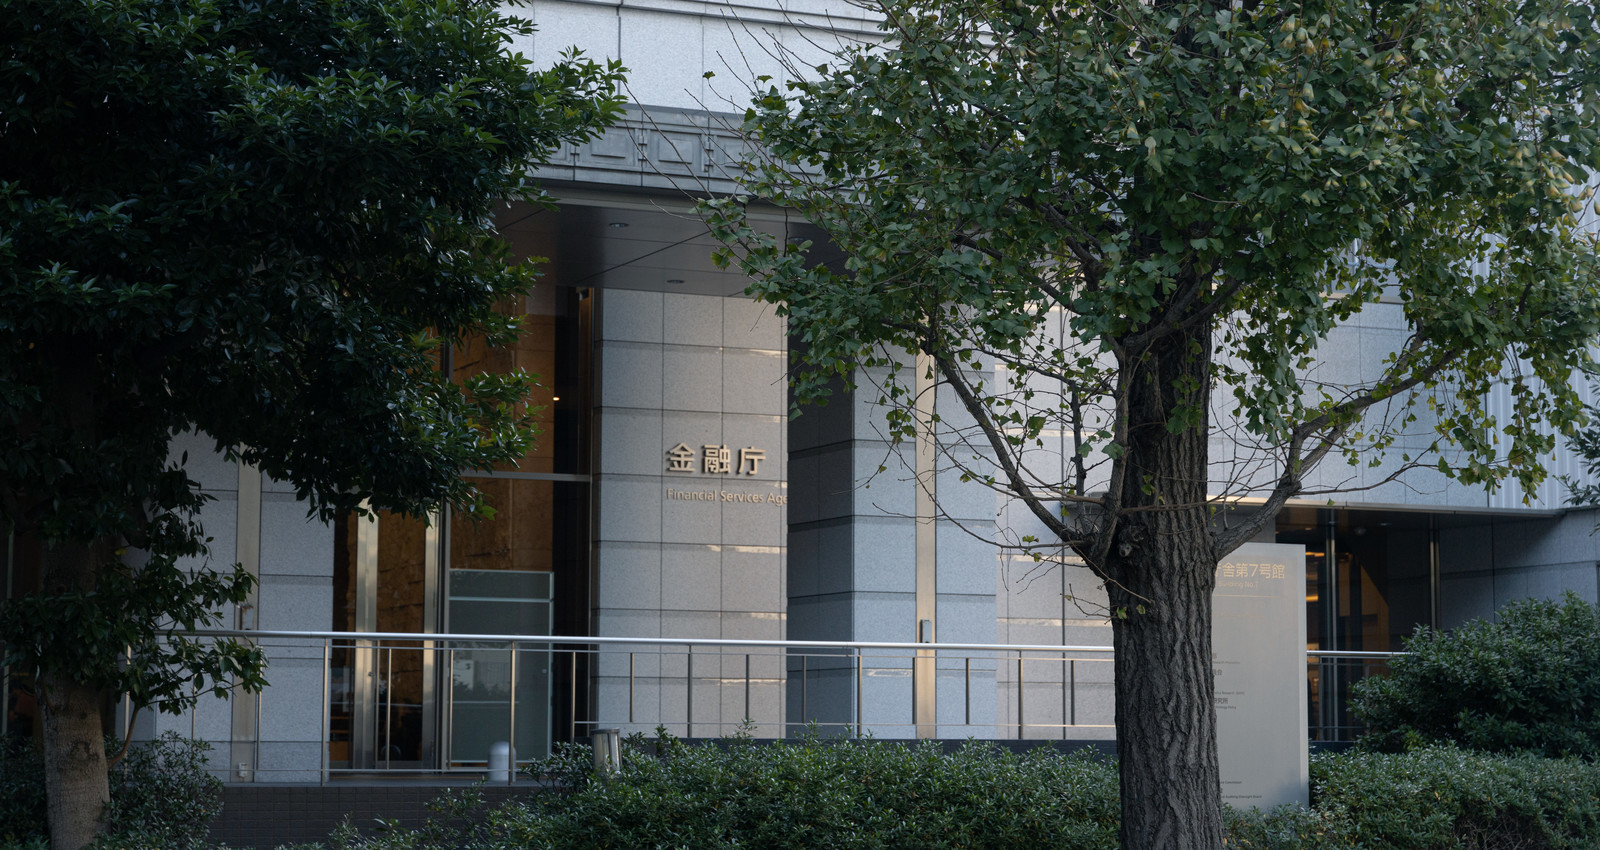 「街路樹と金融庁ビル入口」の写真